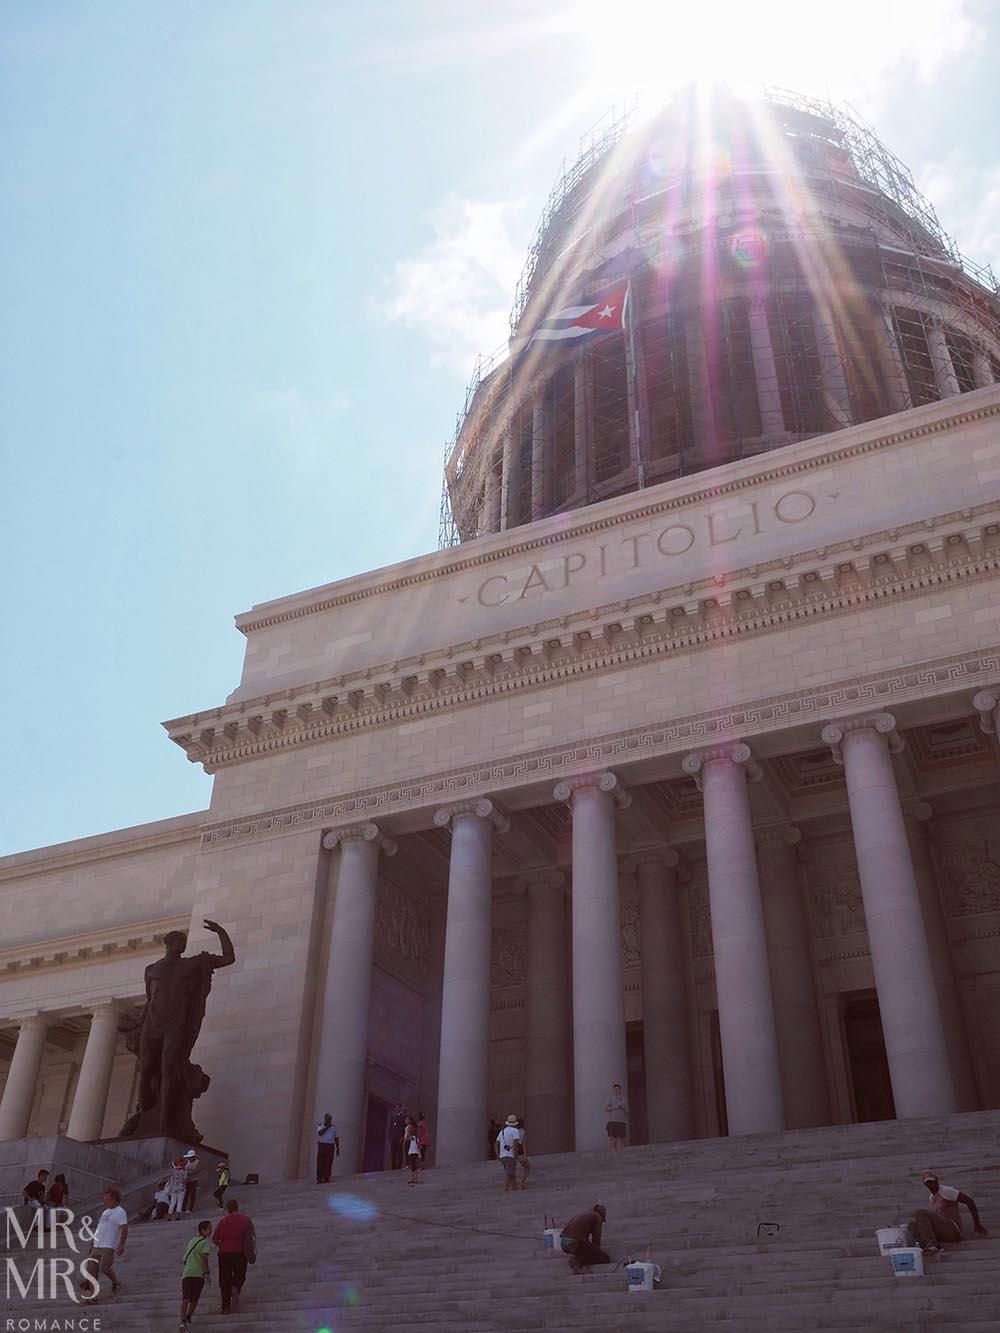 El Capitolio building Havana Cuba